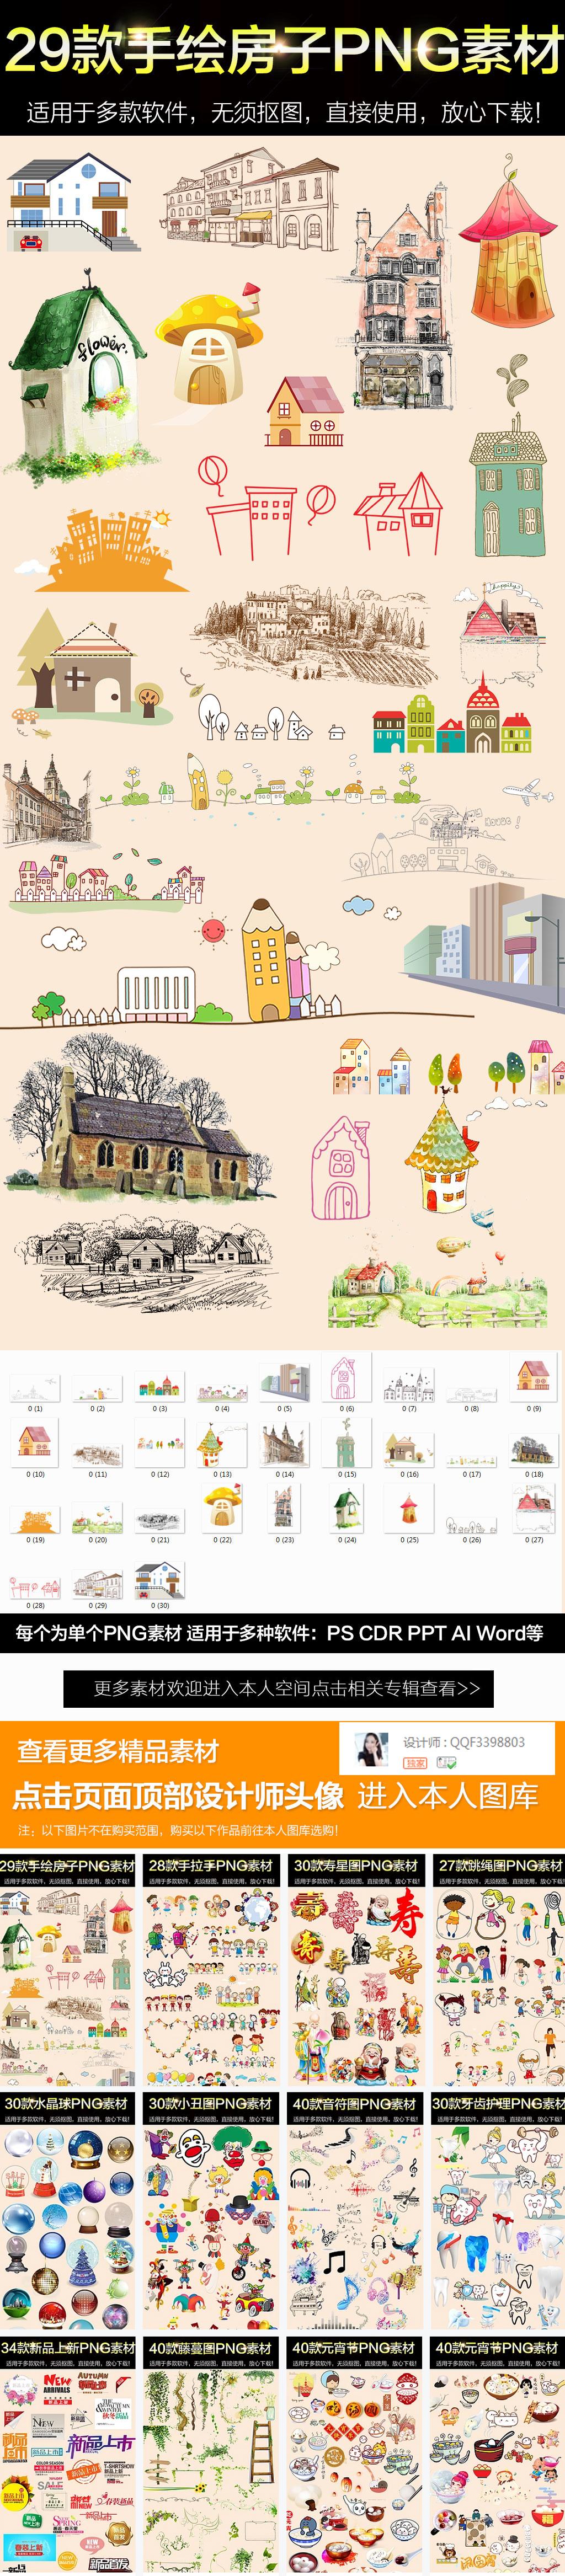 卡通手绘房屋建筑海报素材